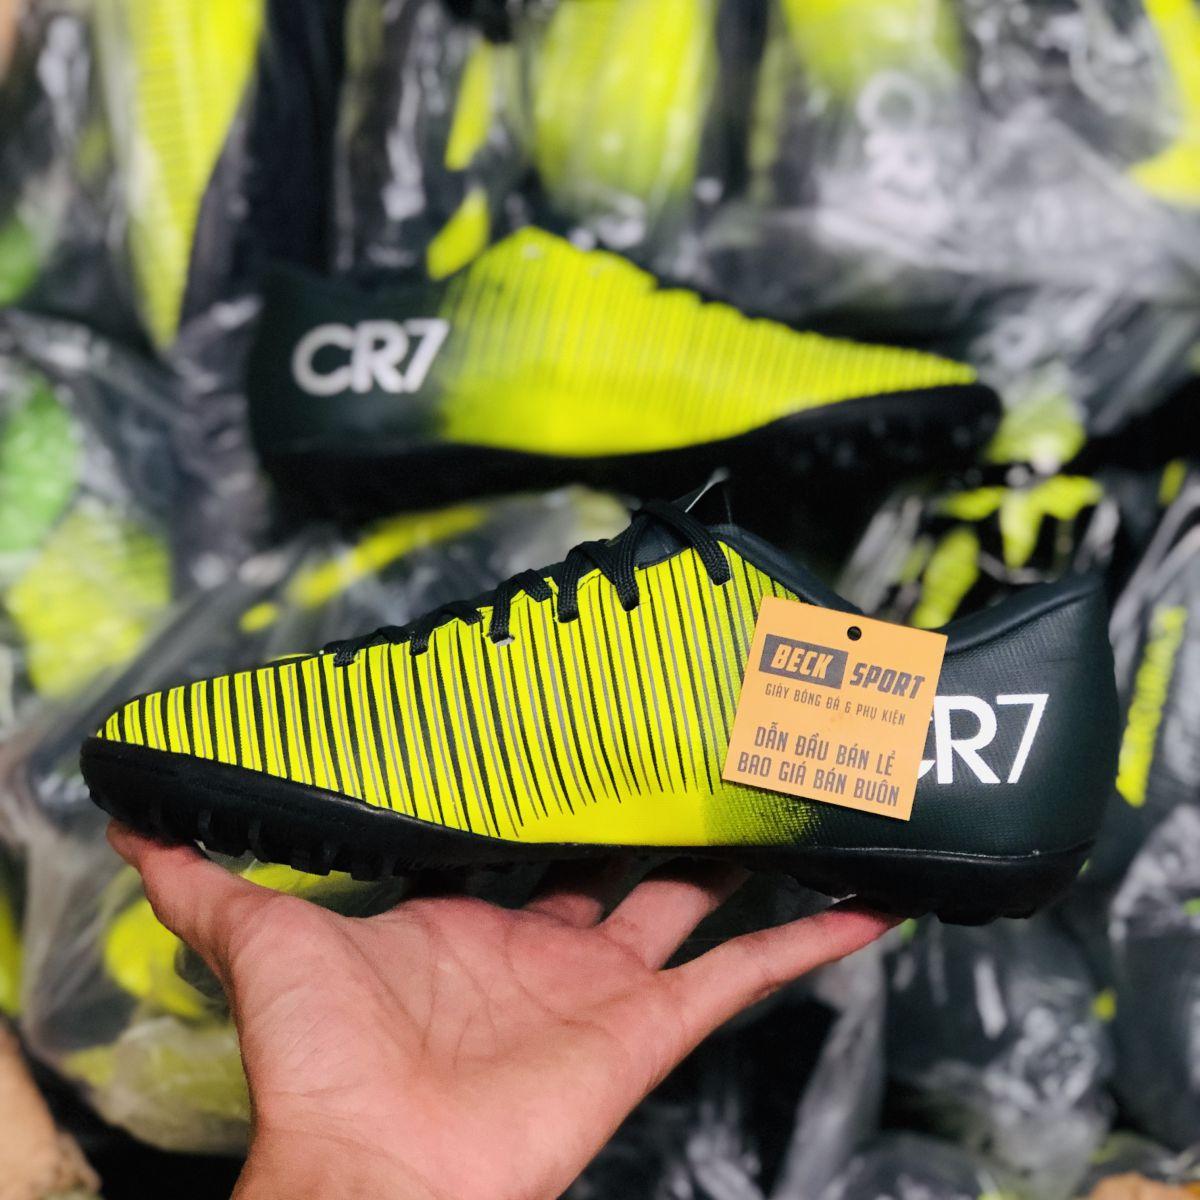 Giày Bóng Đá Nike MercurialX CR7 Đen Nõn Chuối Lưỡi Gà Liền TF